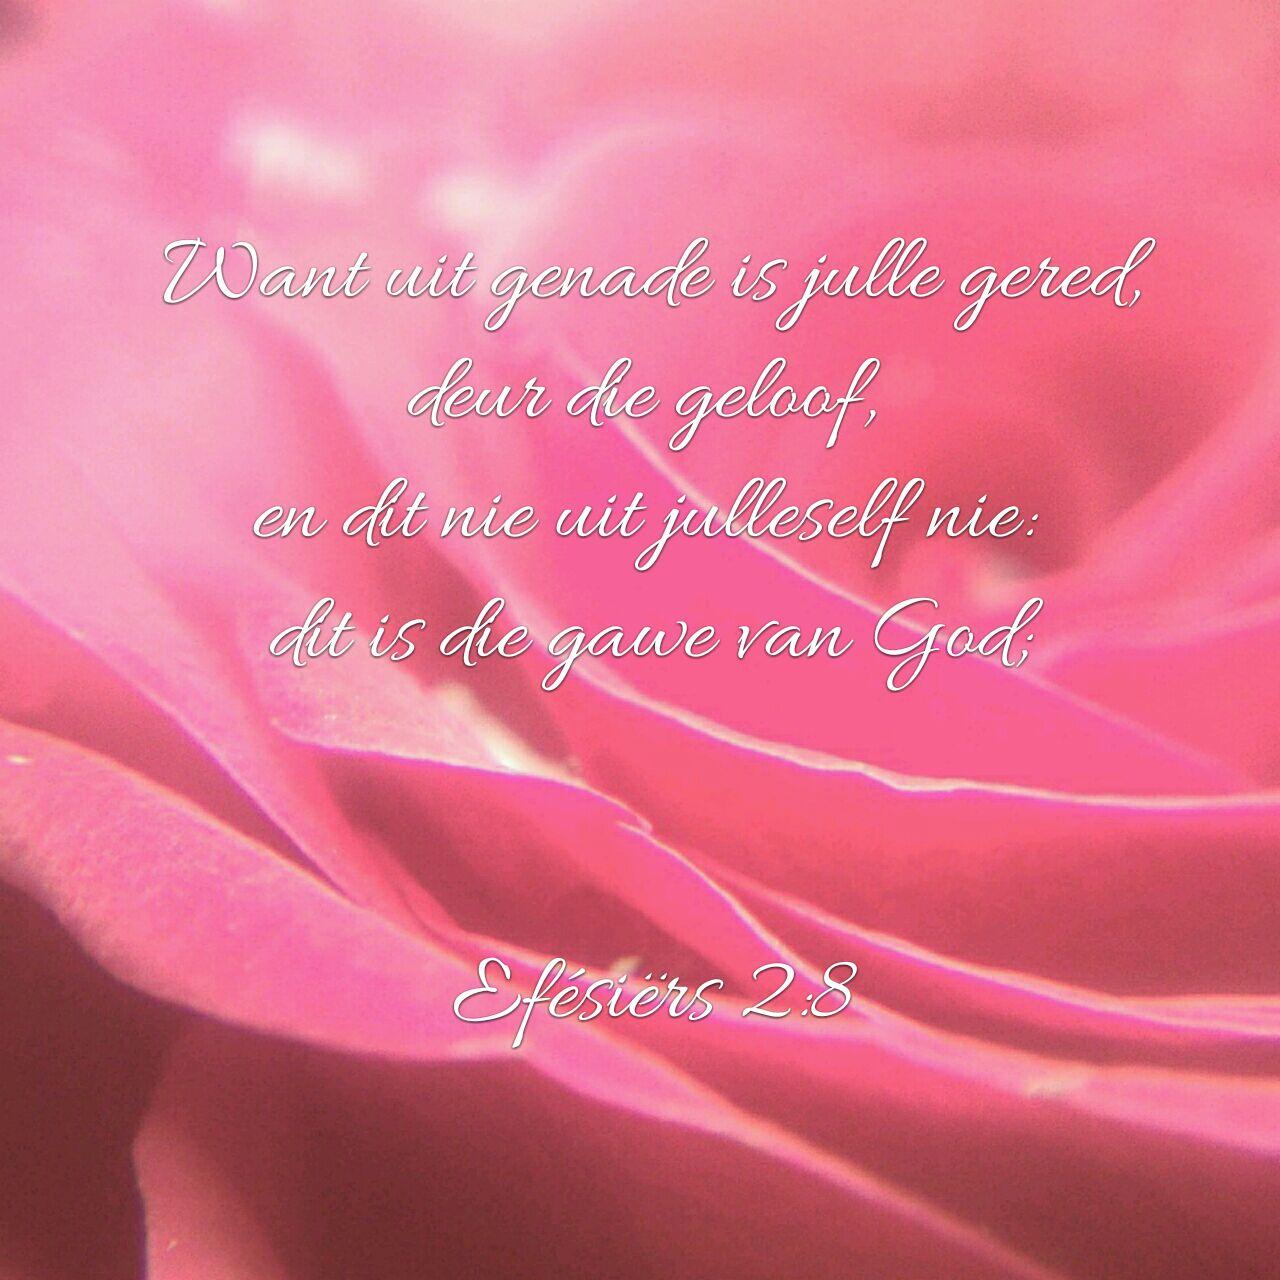 Want uit genade is julle gered deur die geloof, en dit nie uit julleself nie: dit is die gawe van God Efesiers 2:8